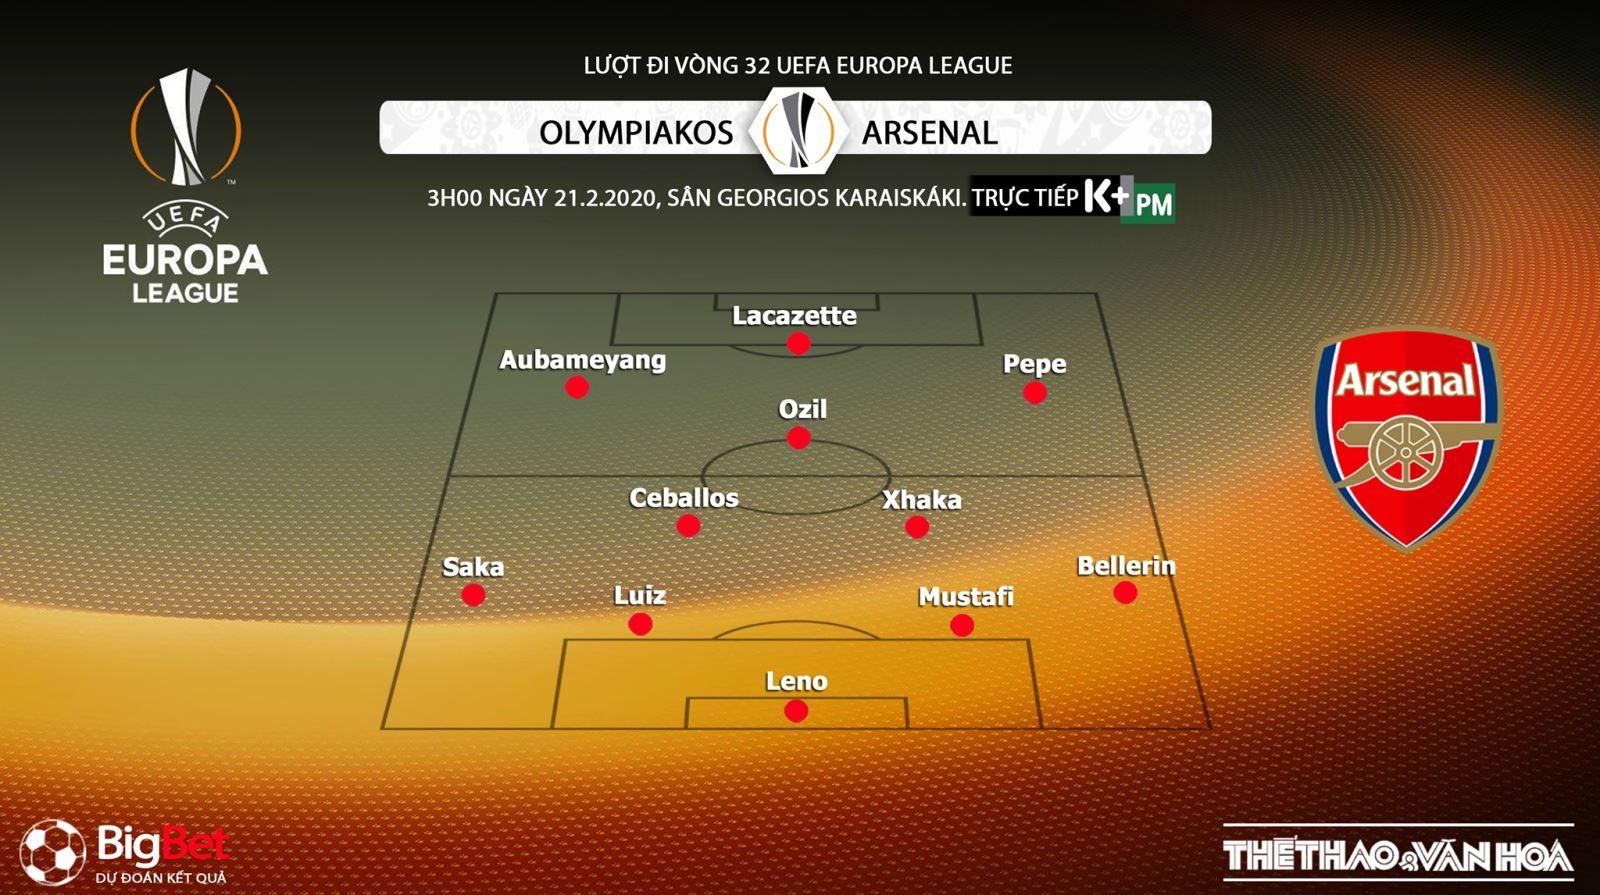 Olympiacos vs Arsenal, Arsenal, Olympiacos, trực tiếp Olympiacos vs Arsenal, bóng đá, bong da, soi kèo, nhận định, K+PM